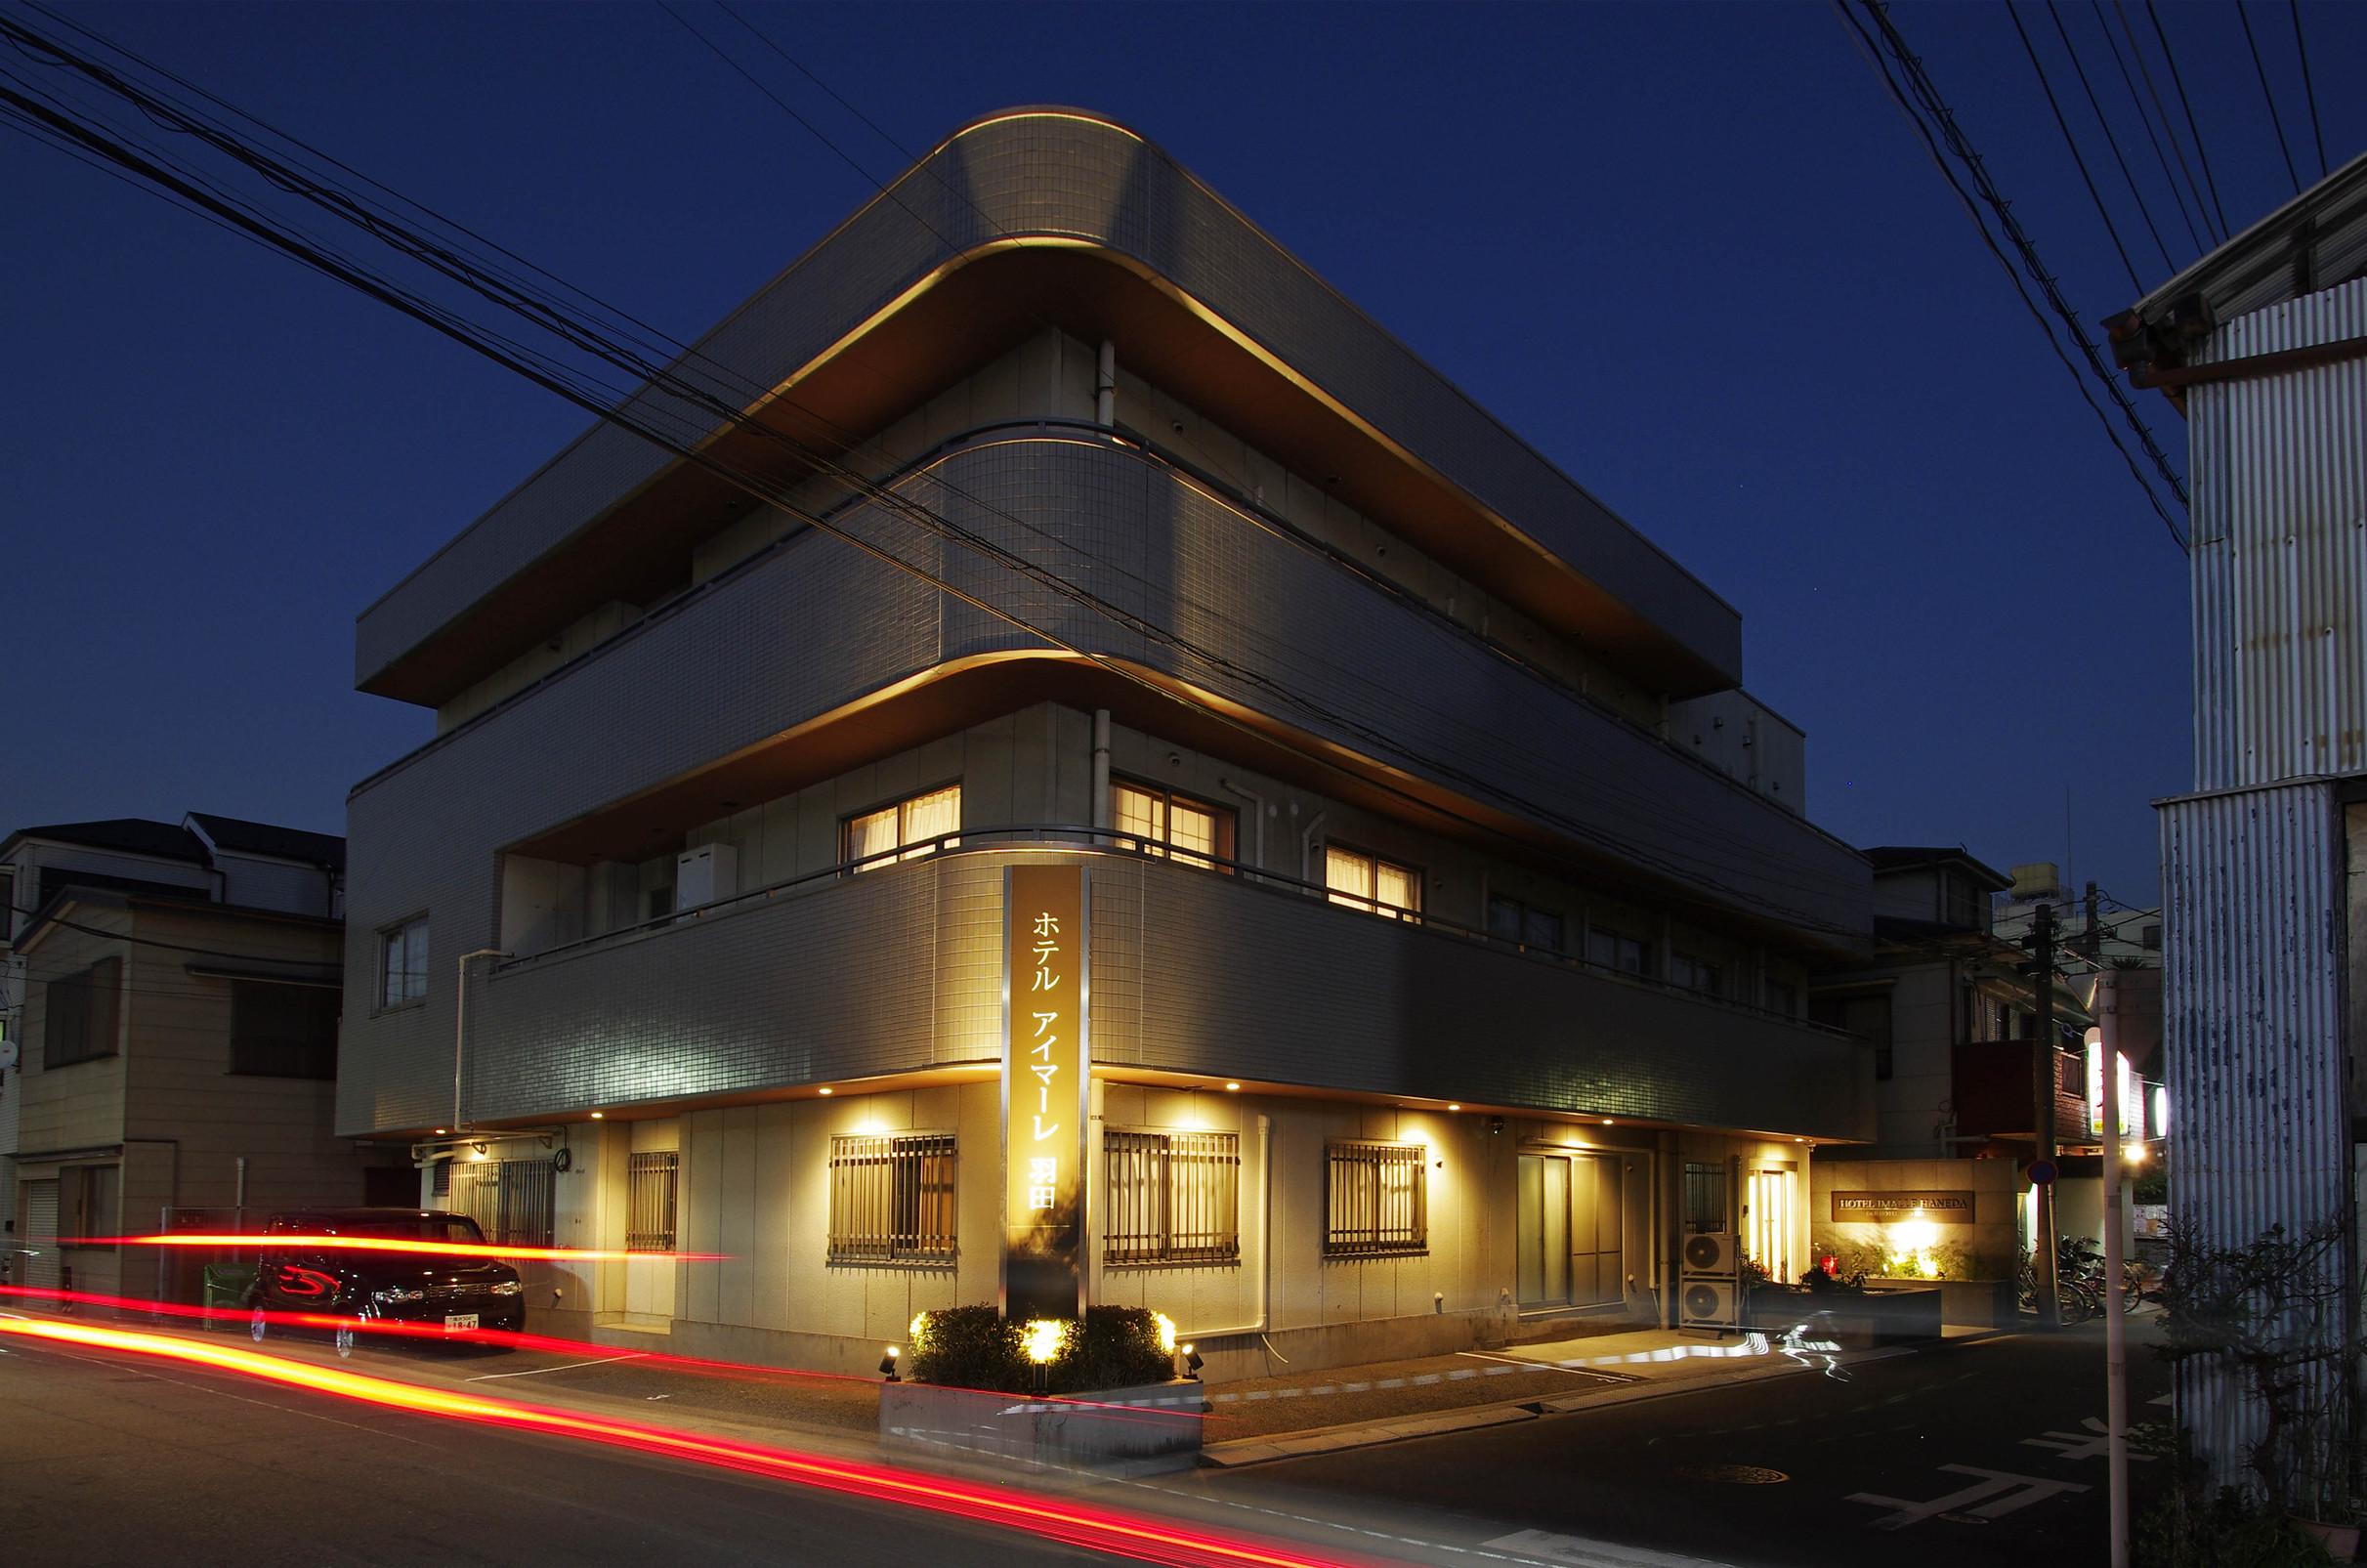 ホテル アイマーレ 羽田 image